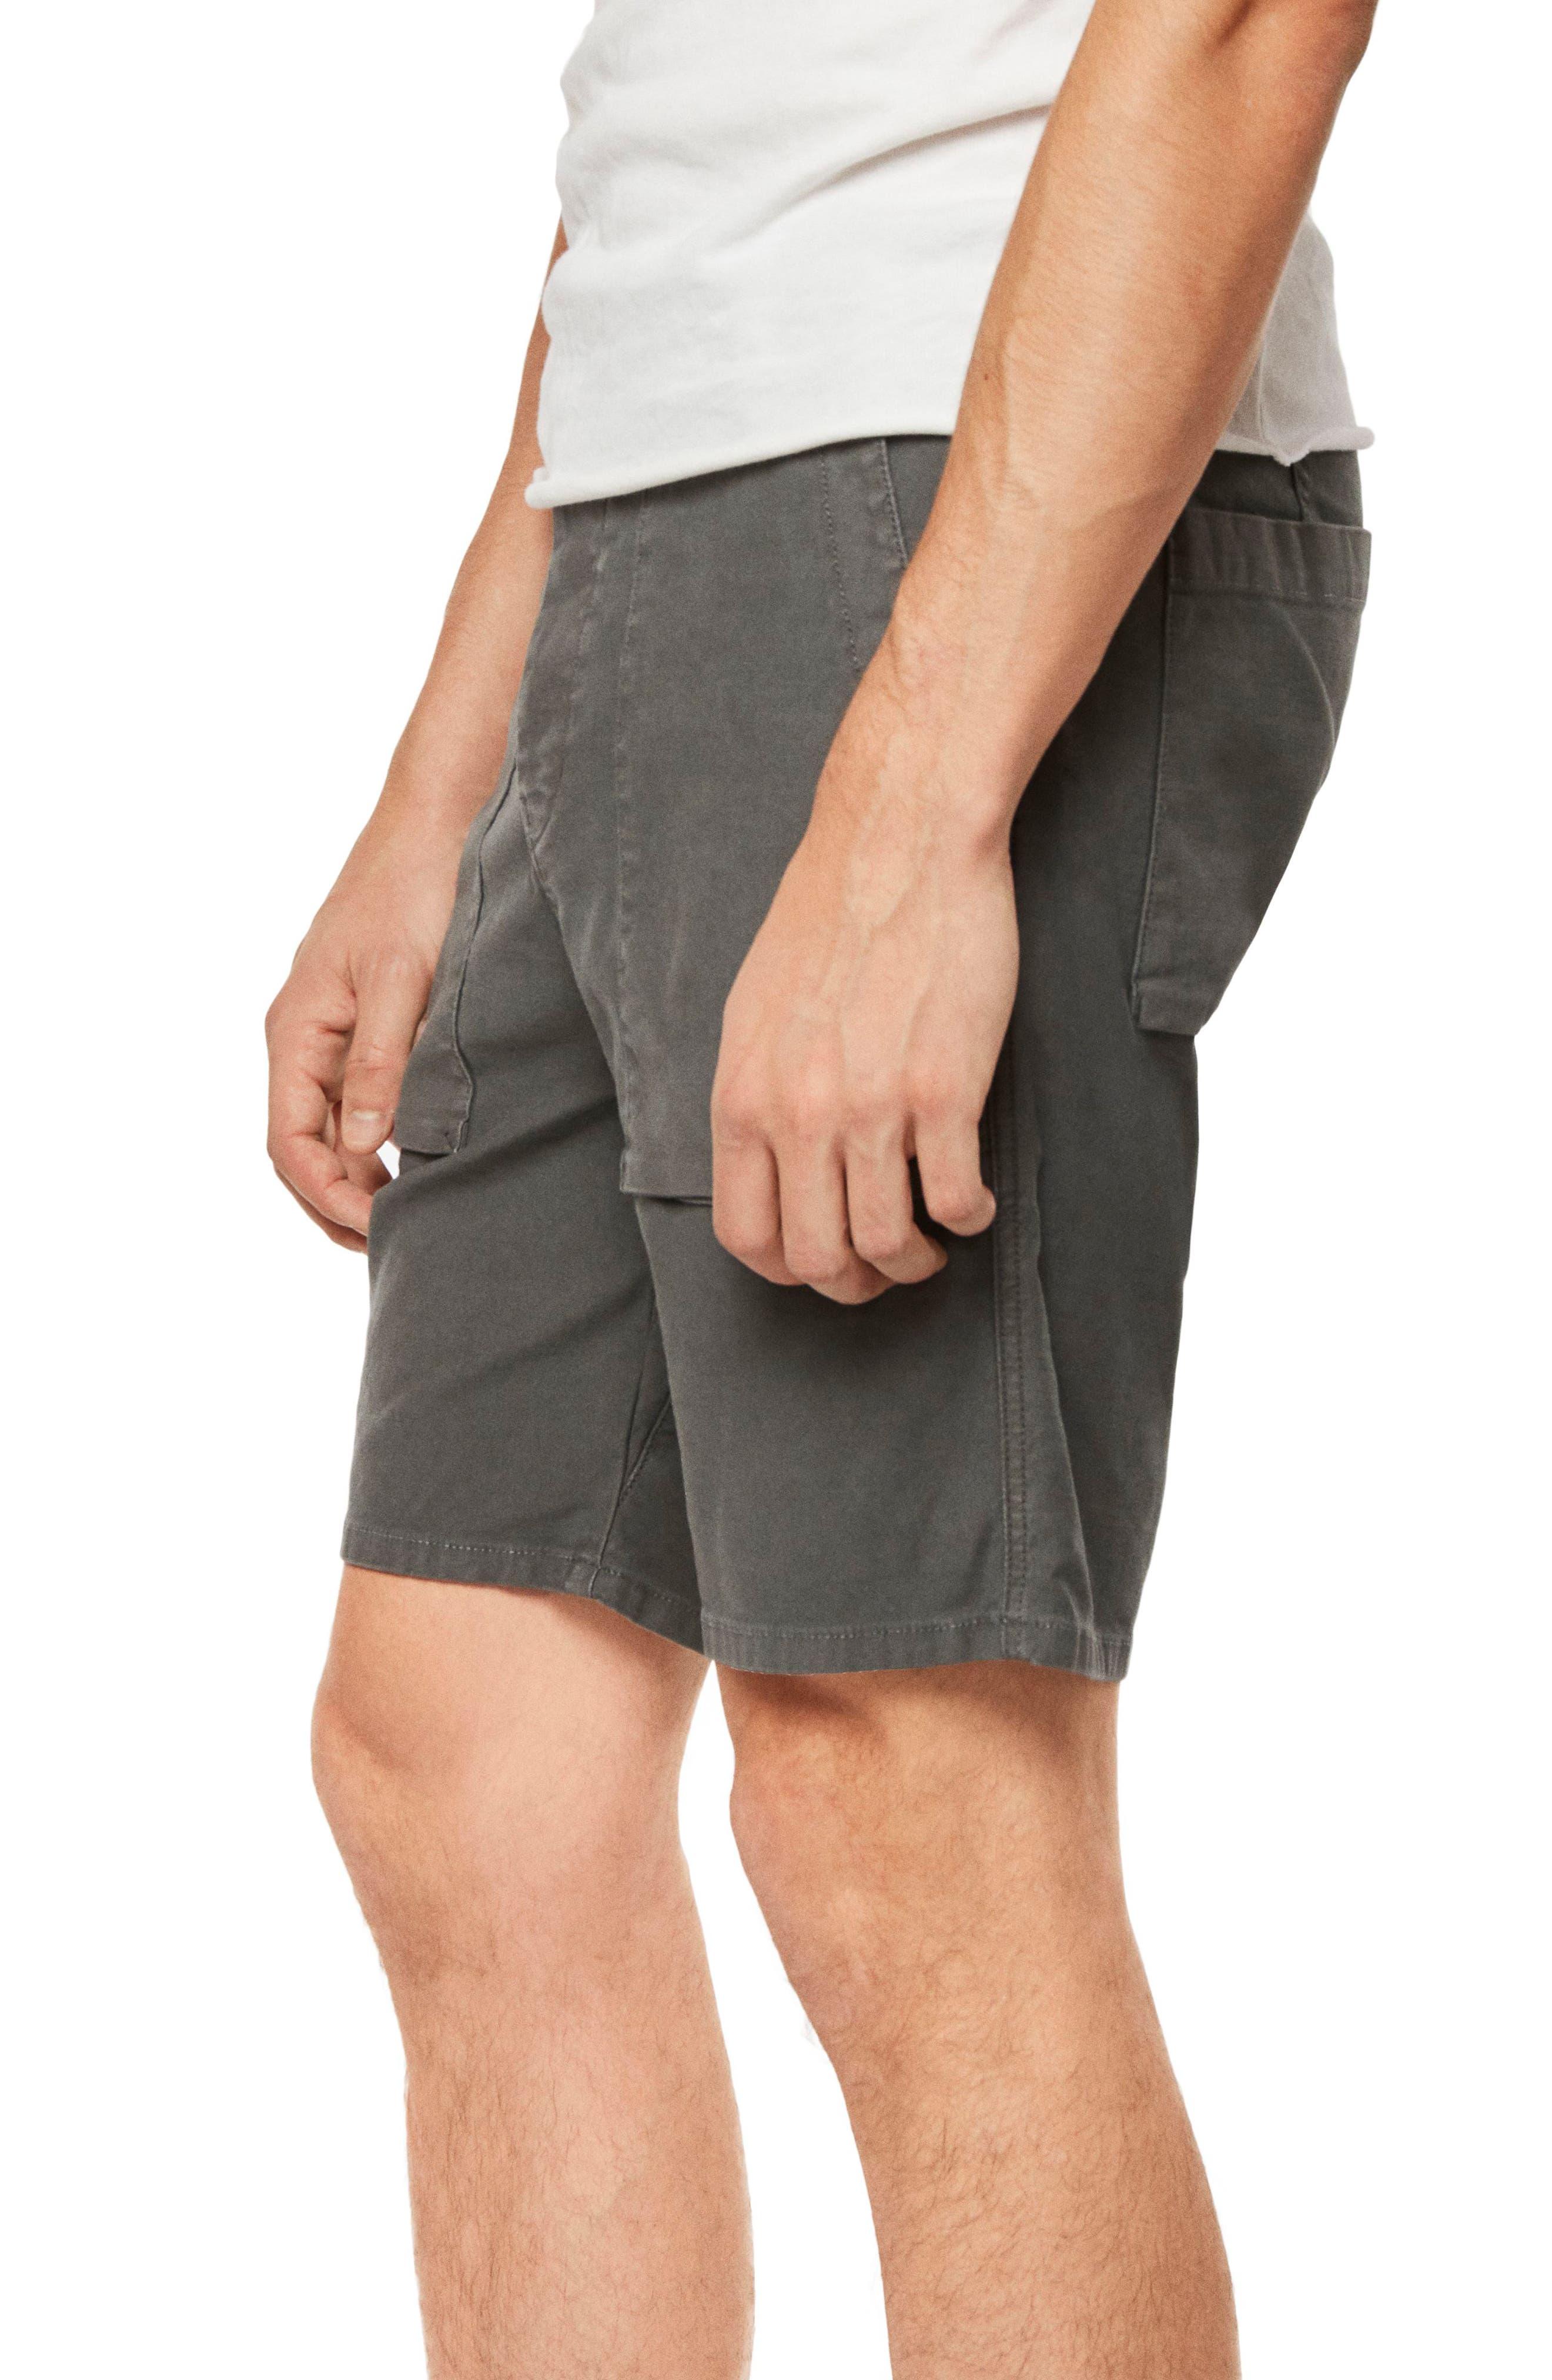 Kontact Shorts,                             Alternate thumbnail 3, color,                             Dull Catapult